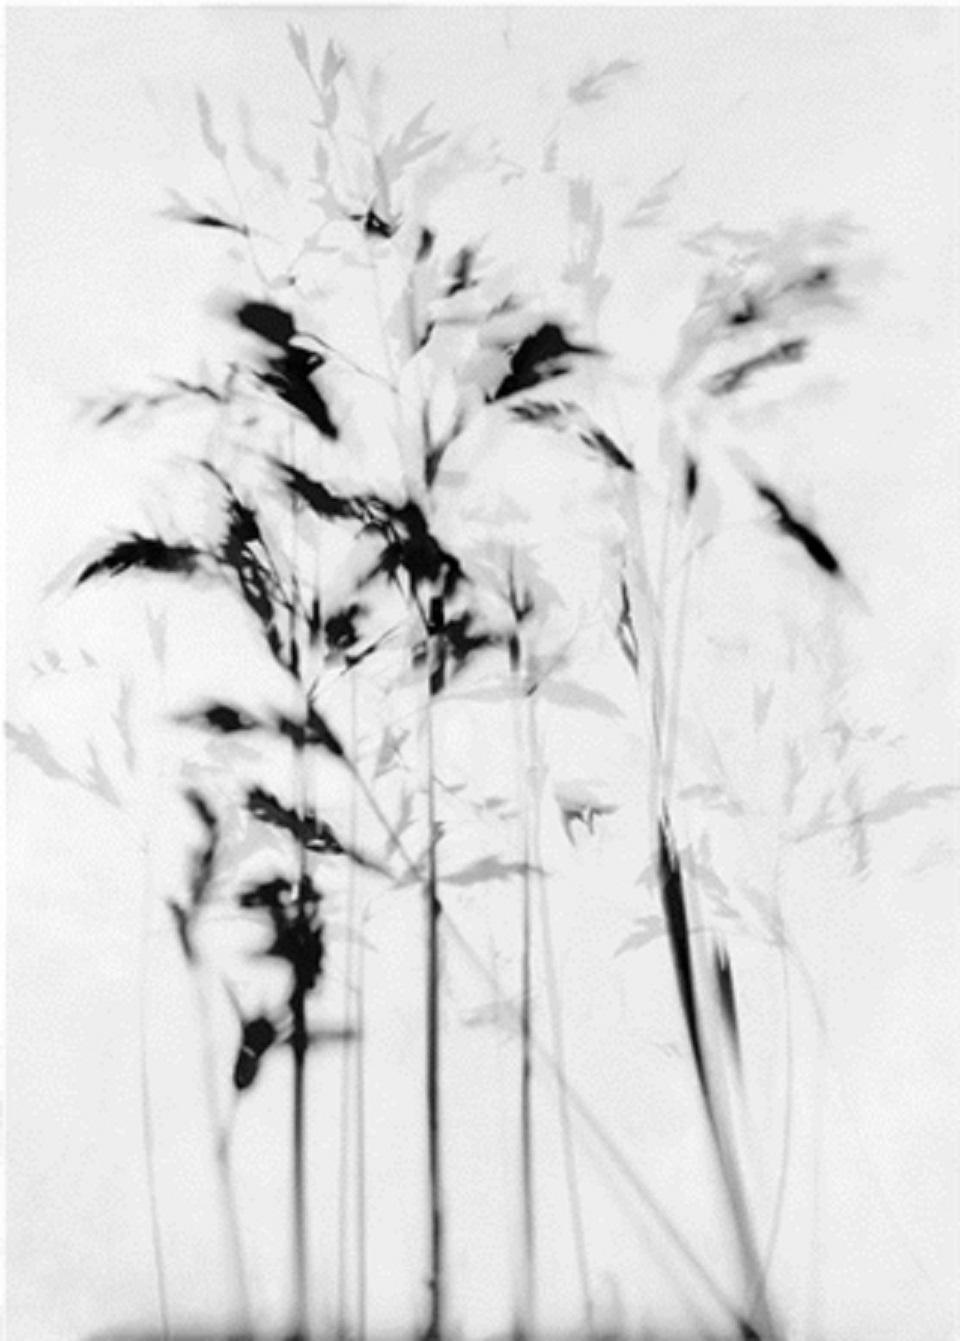 Stefania Ricci – Alberi fili d'erba 1